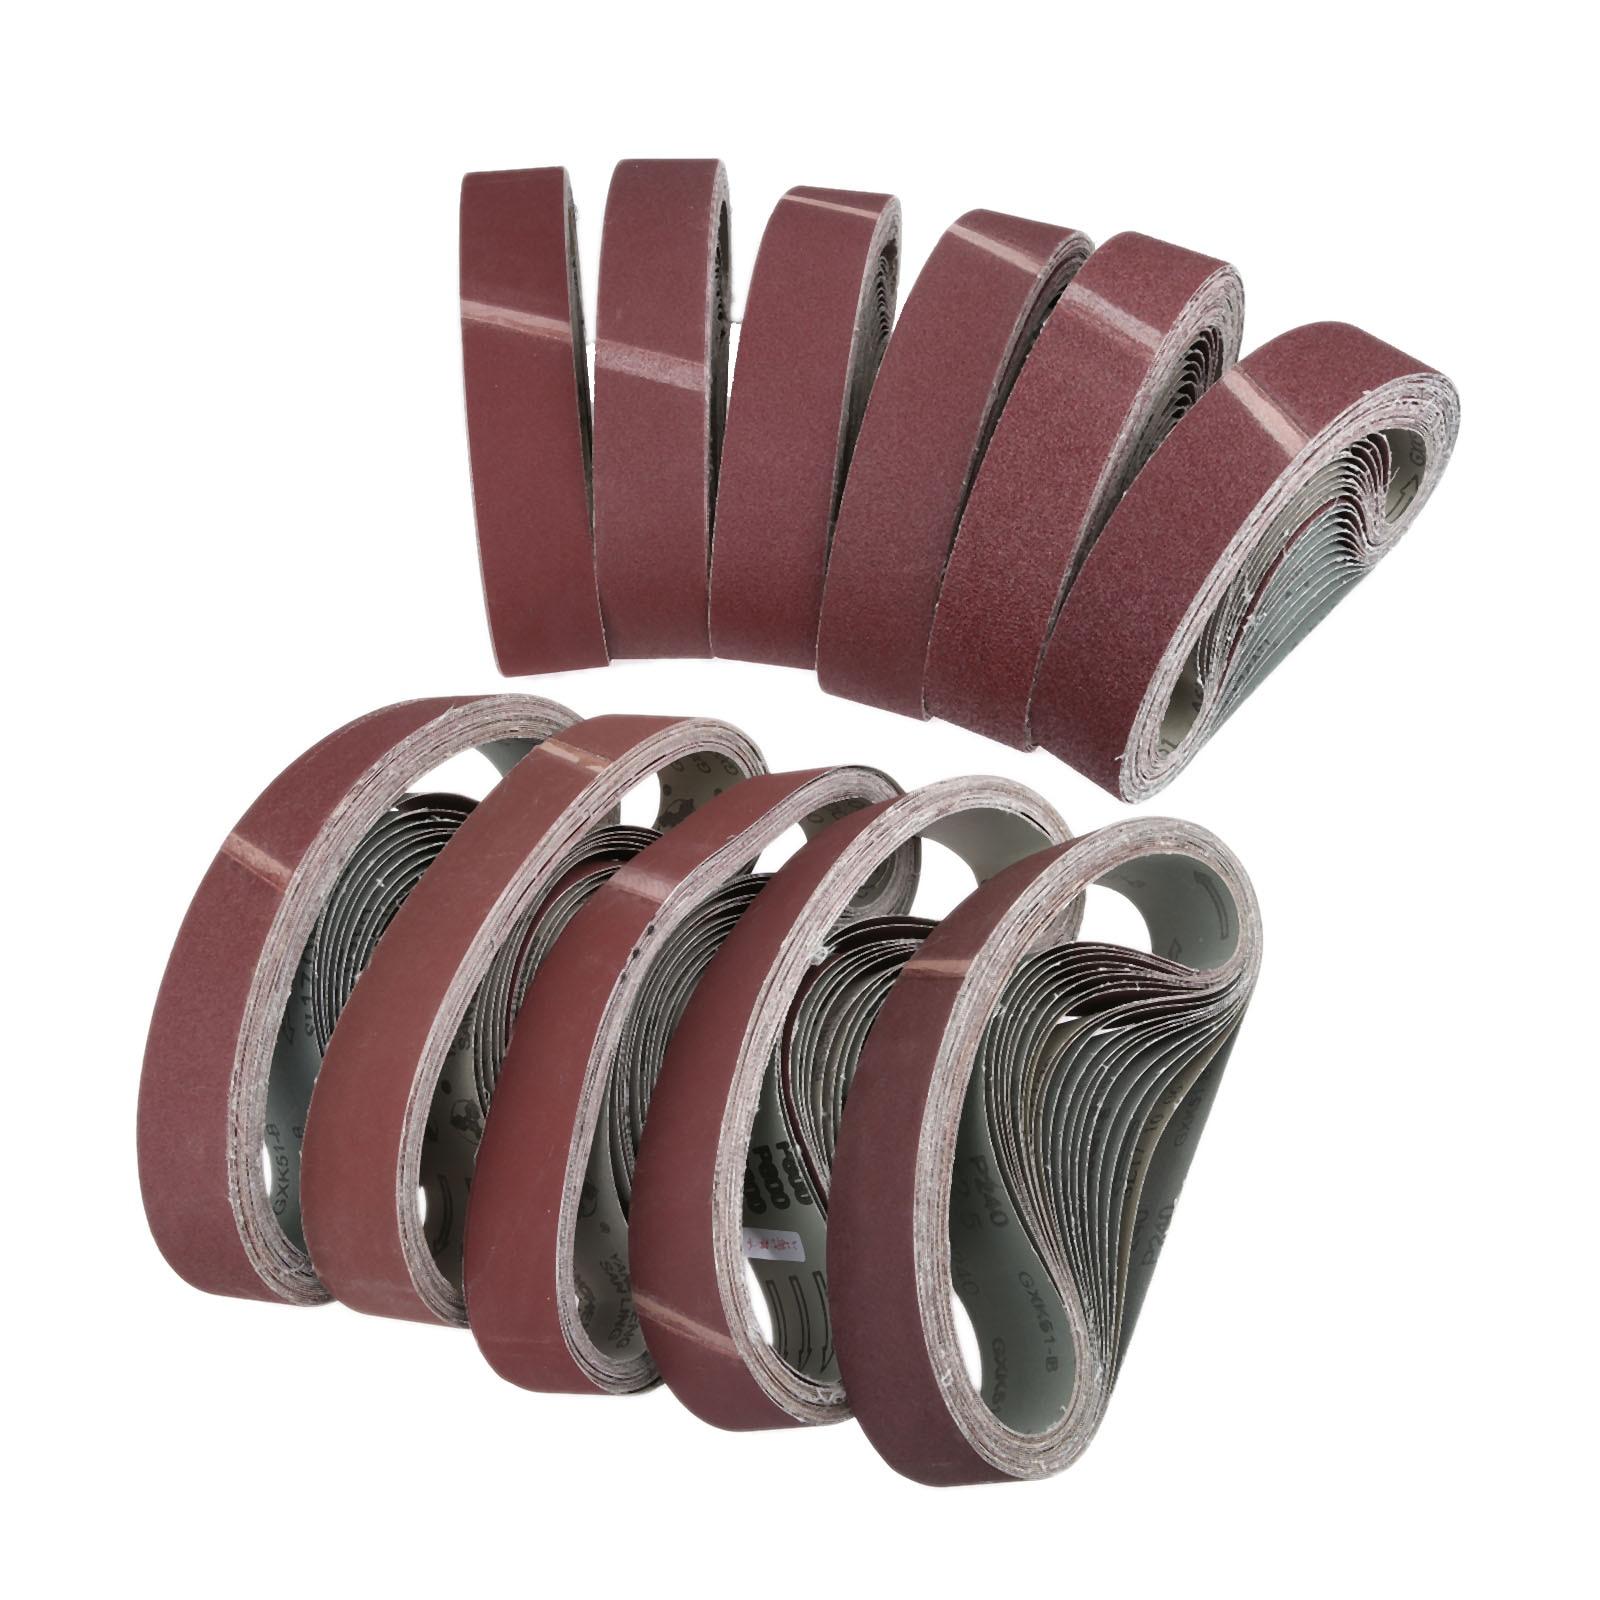 DRELD 10pcs 50*686mm Abrasive Sanding Belts Sanding Paper For Belt Sanders Bench Grinder Grinding Polishing Tool 40-600 Grit